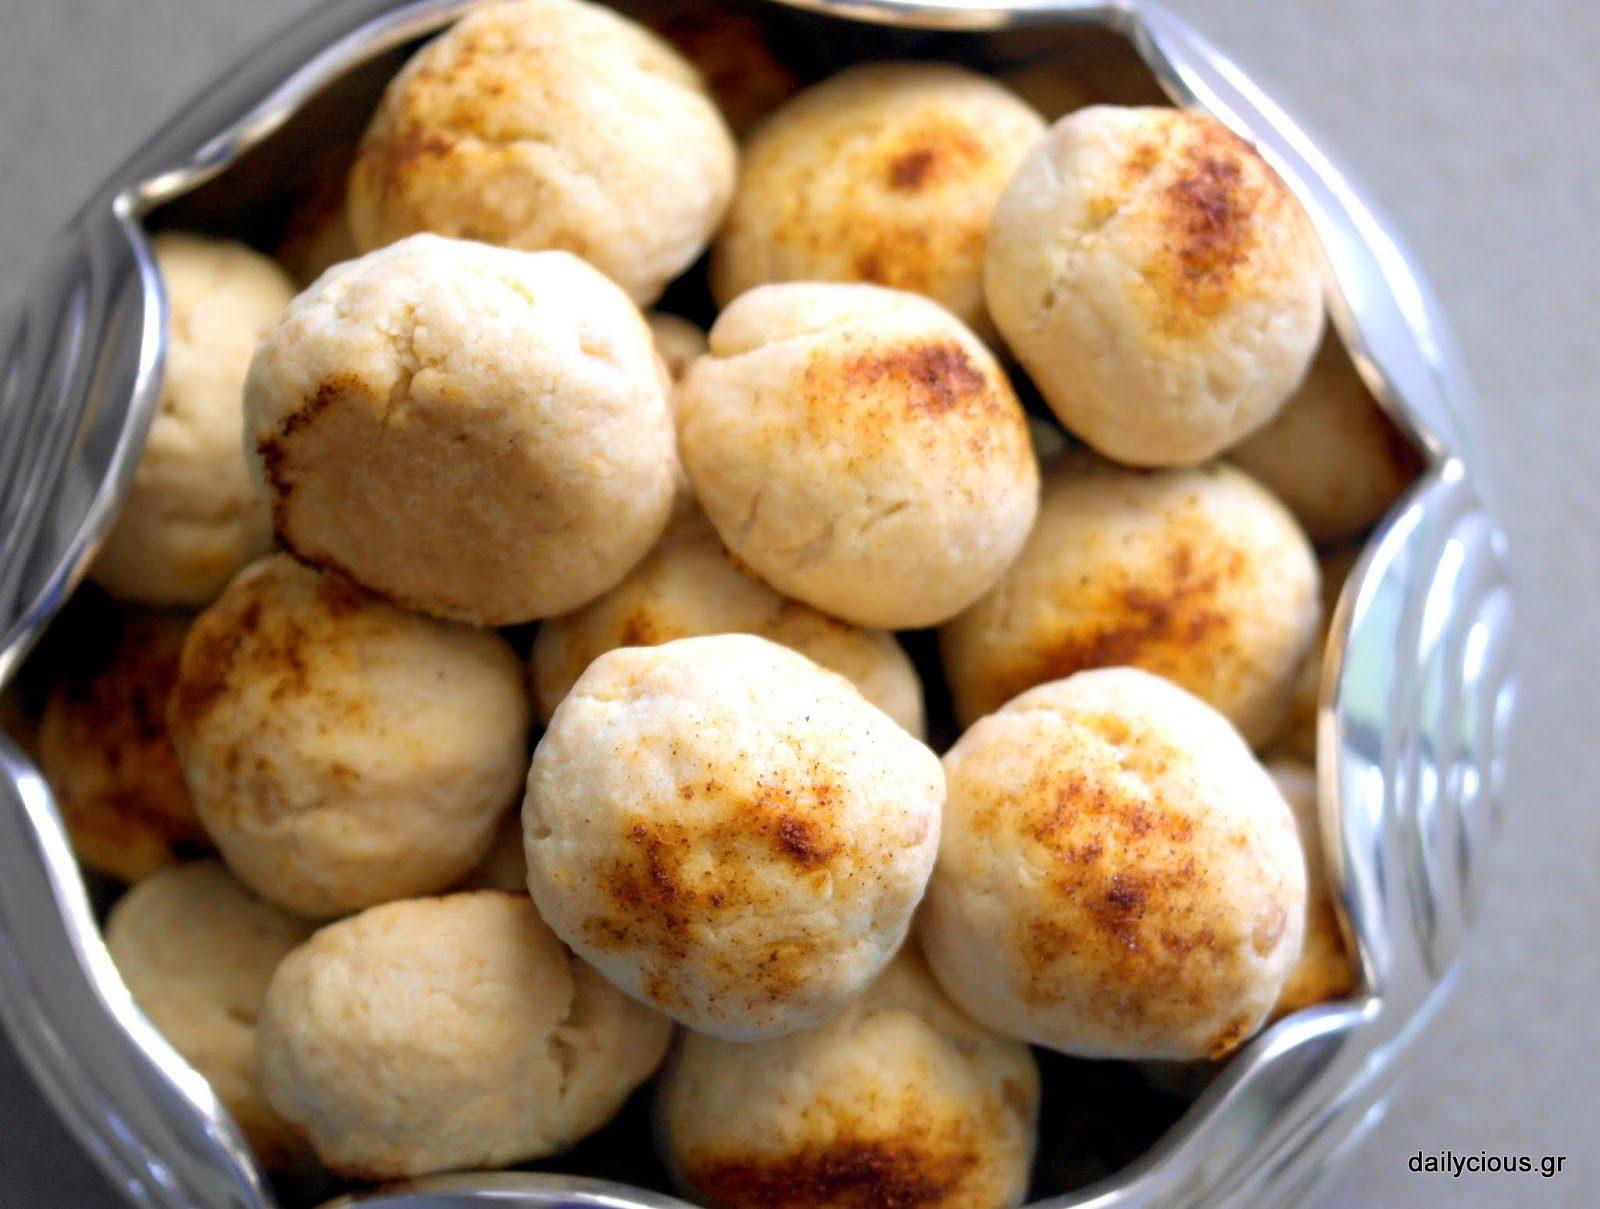 Τα Αλμυρά Μπισκότα με Κασέρι και Πάπρικα.